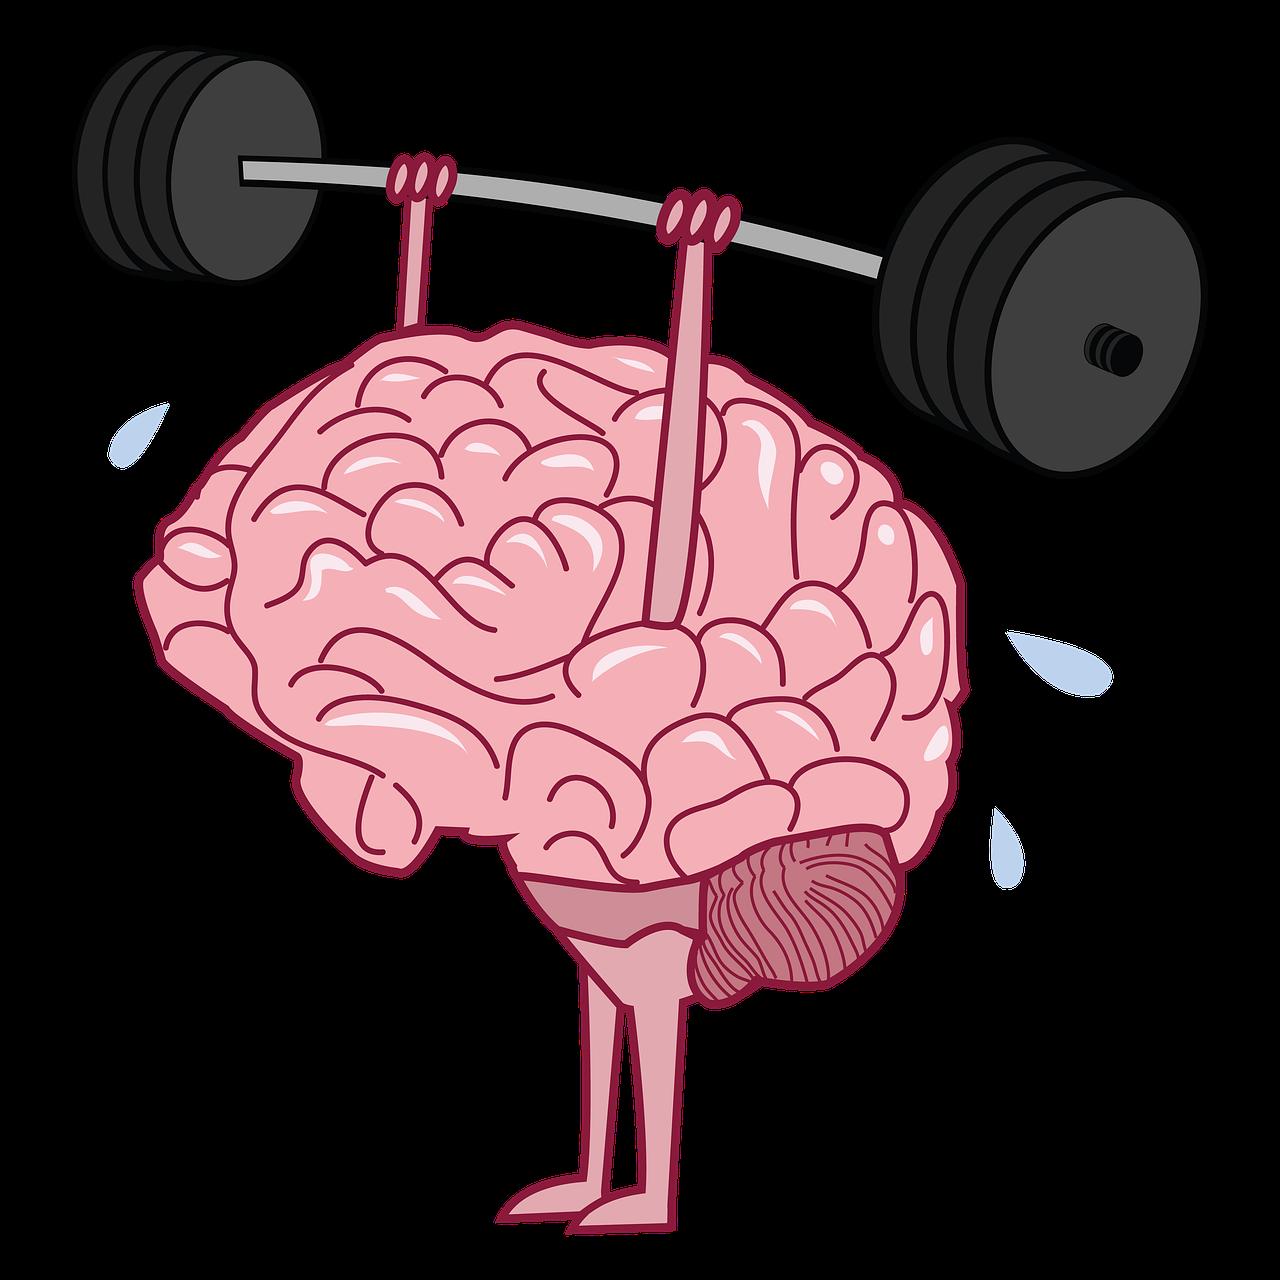 Brain Exercise Training Common - Free image on Pixabay